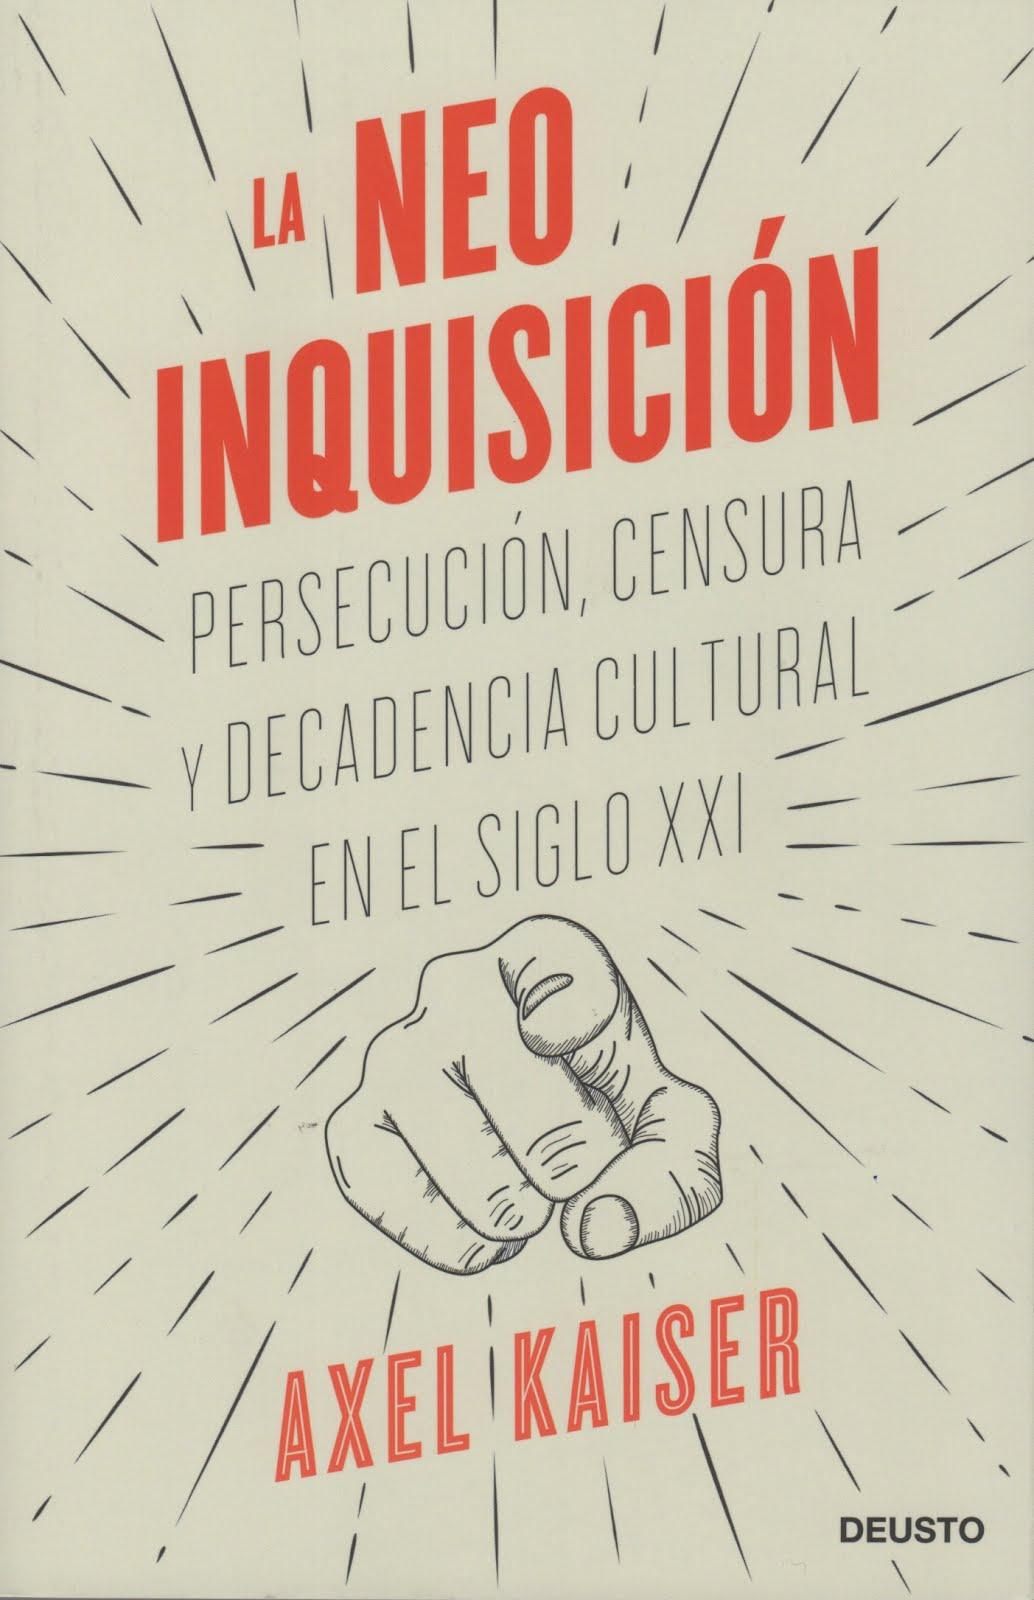 Axel Kaiser (La neo Inquisición) Persecución, censura y decadencia cultural en el siglo XXI